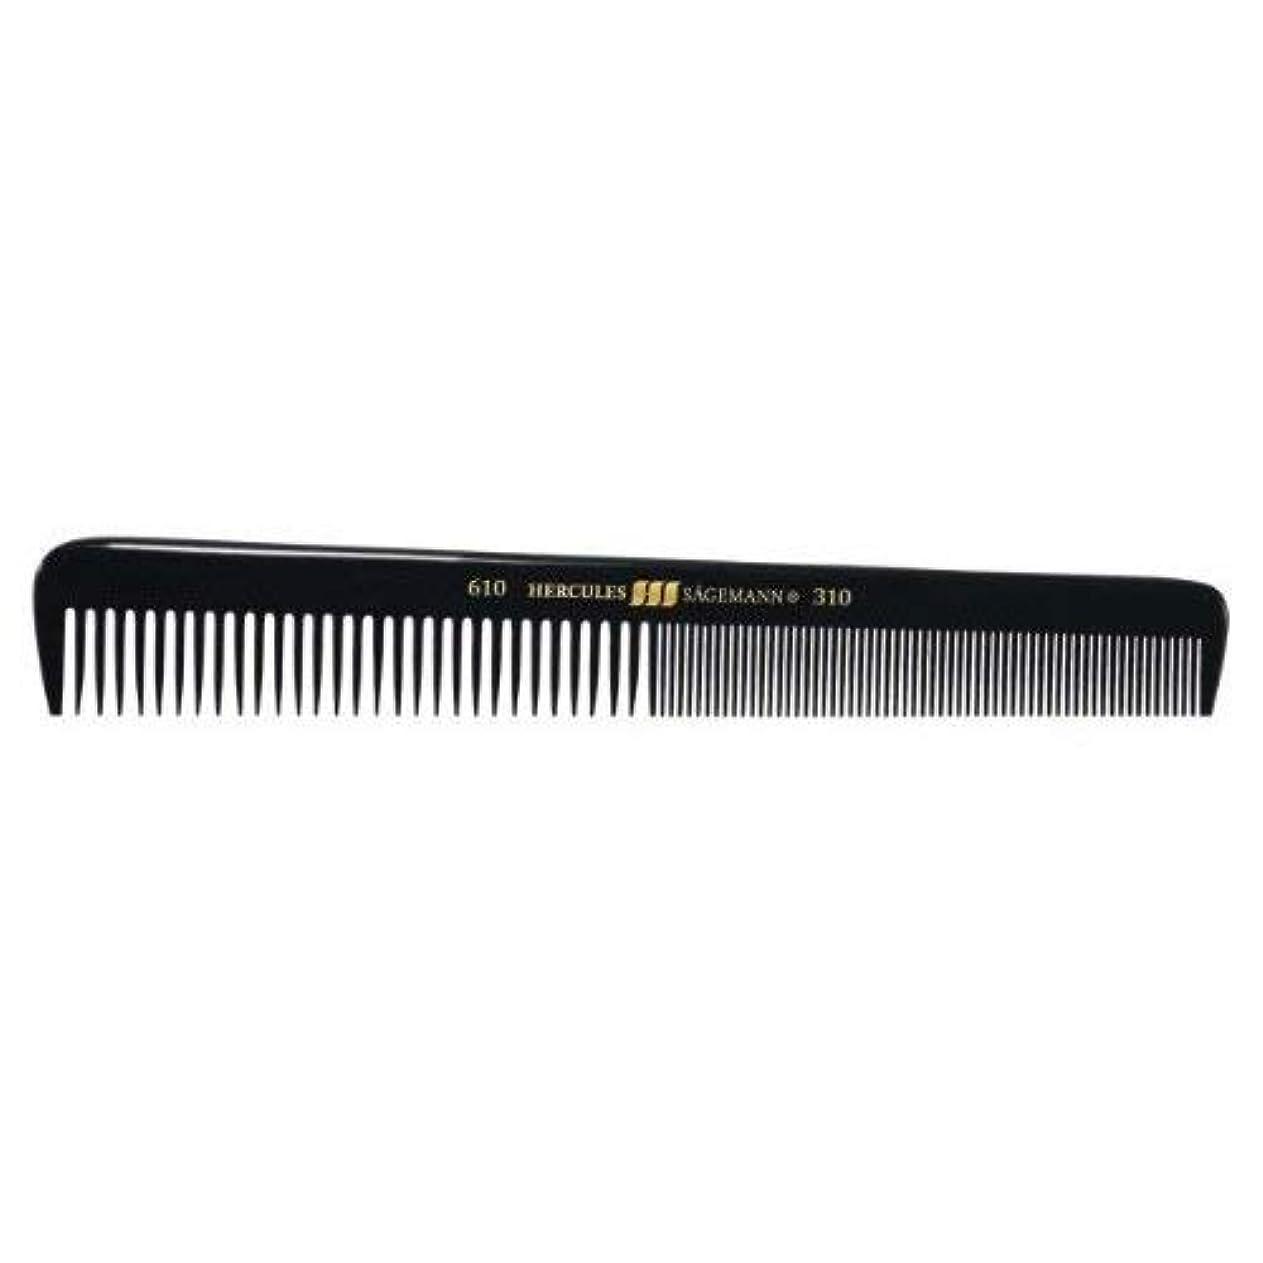 土曜日すなわちマークHercules S?gemann Gents Comb for short hair | Ebonite - Made in Germany [並行輸入品]